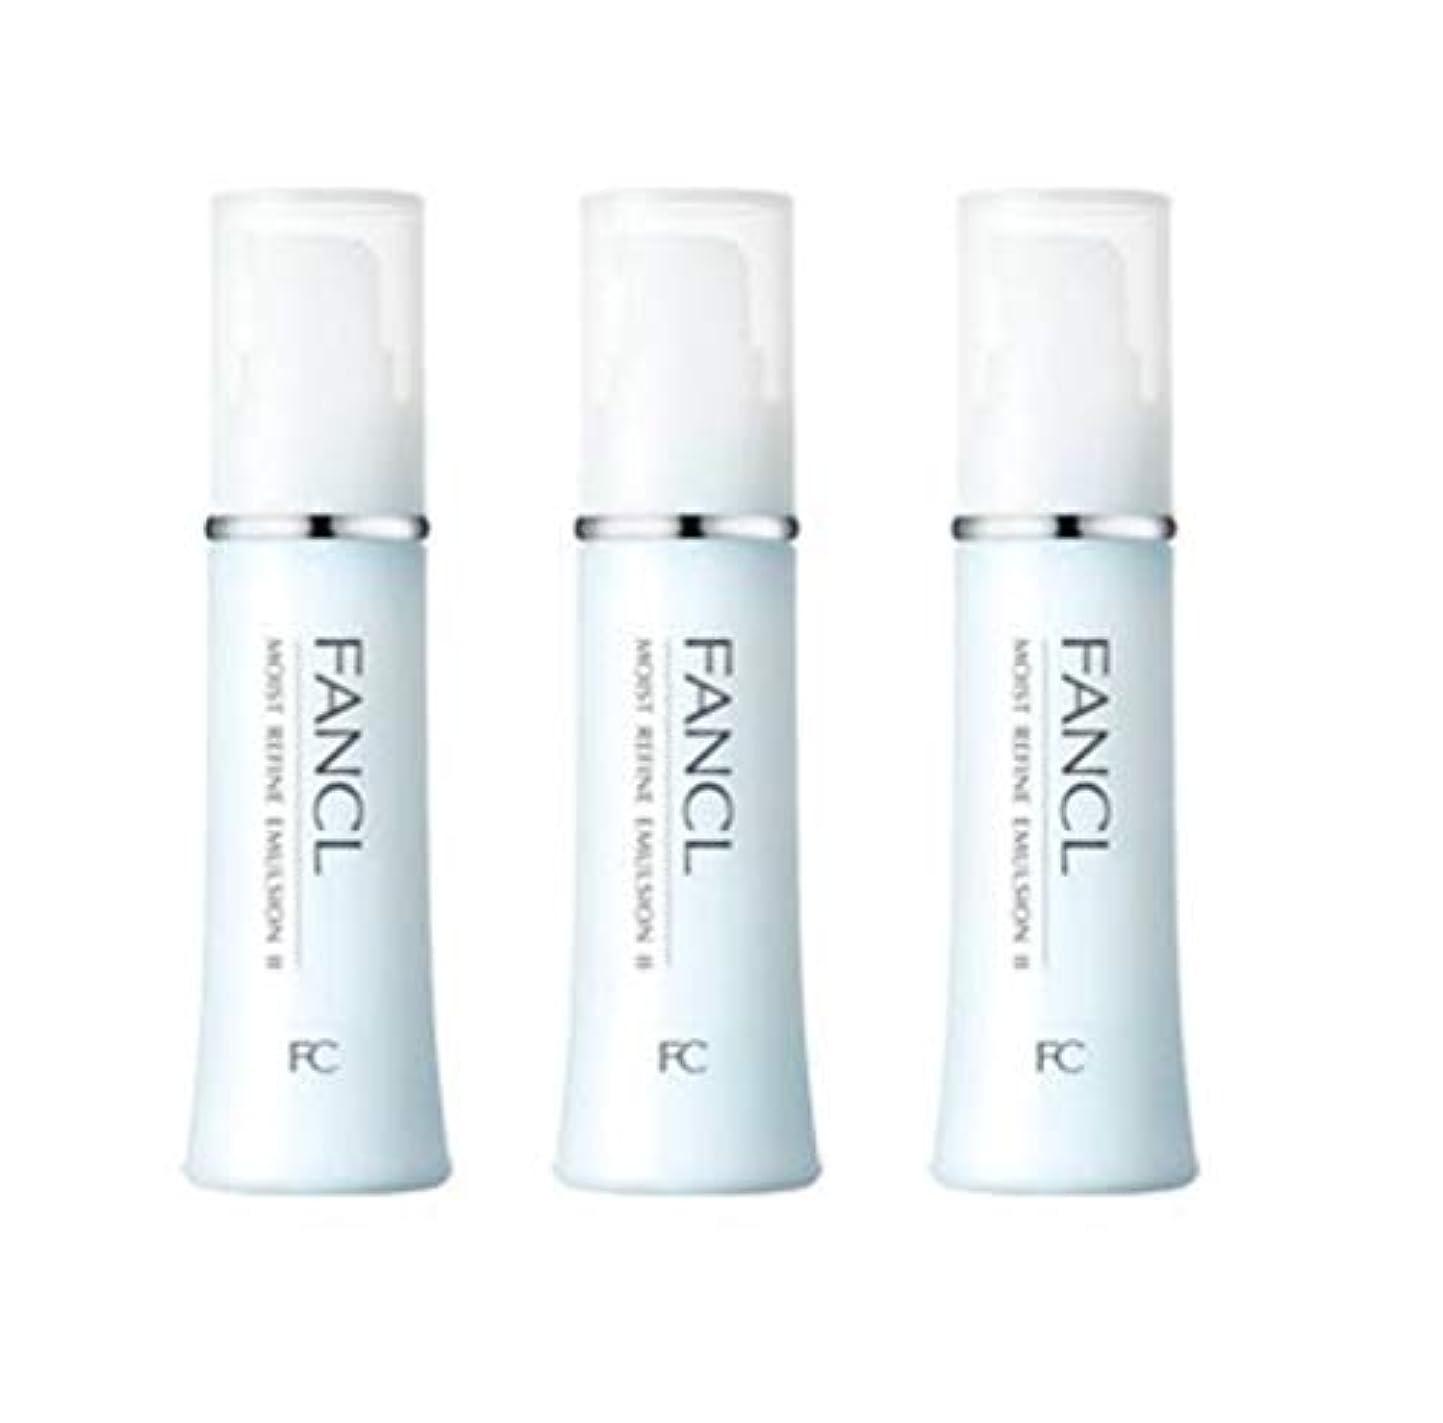 好み取り扱い害ファンケル(FANCL)モイストリファイン 乳液IIしっとり 3本セット(30mL×3)